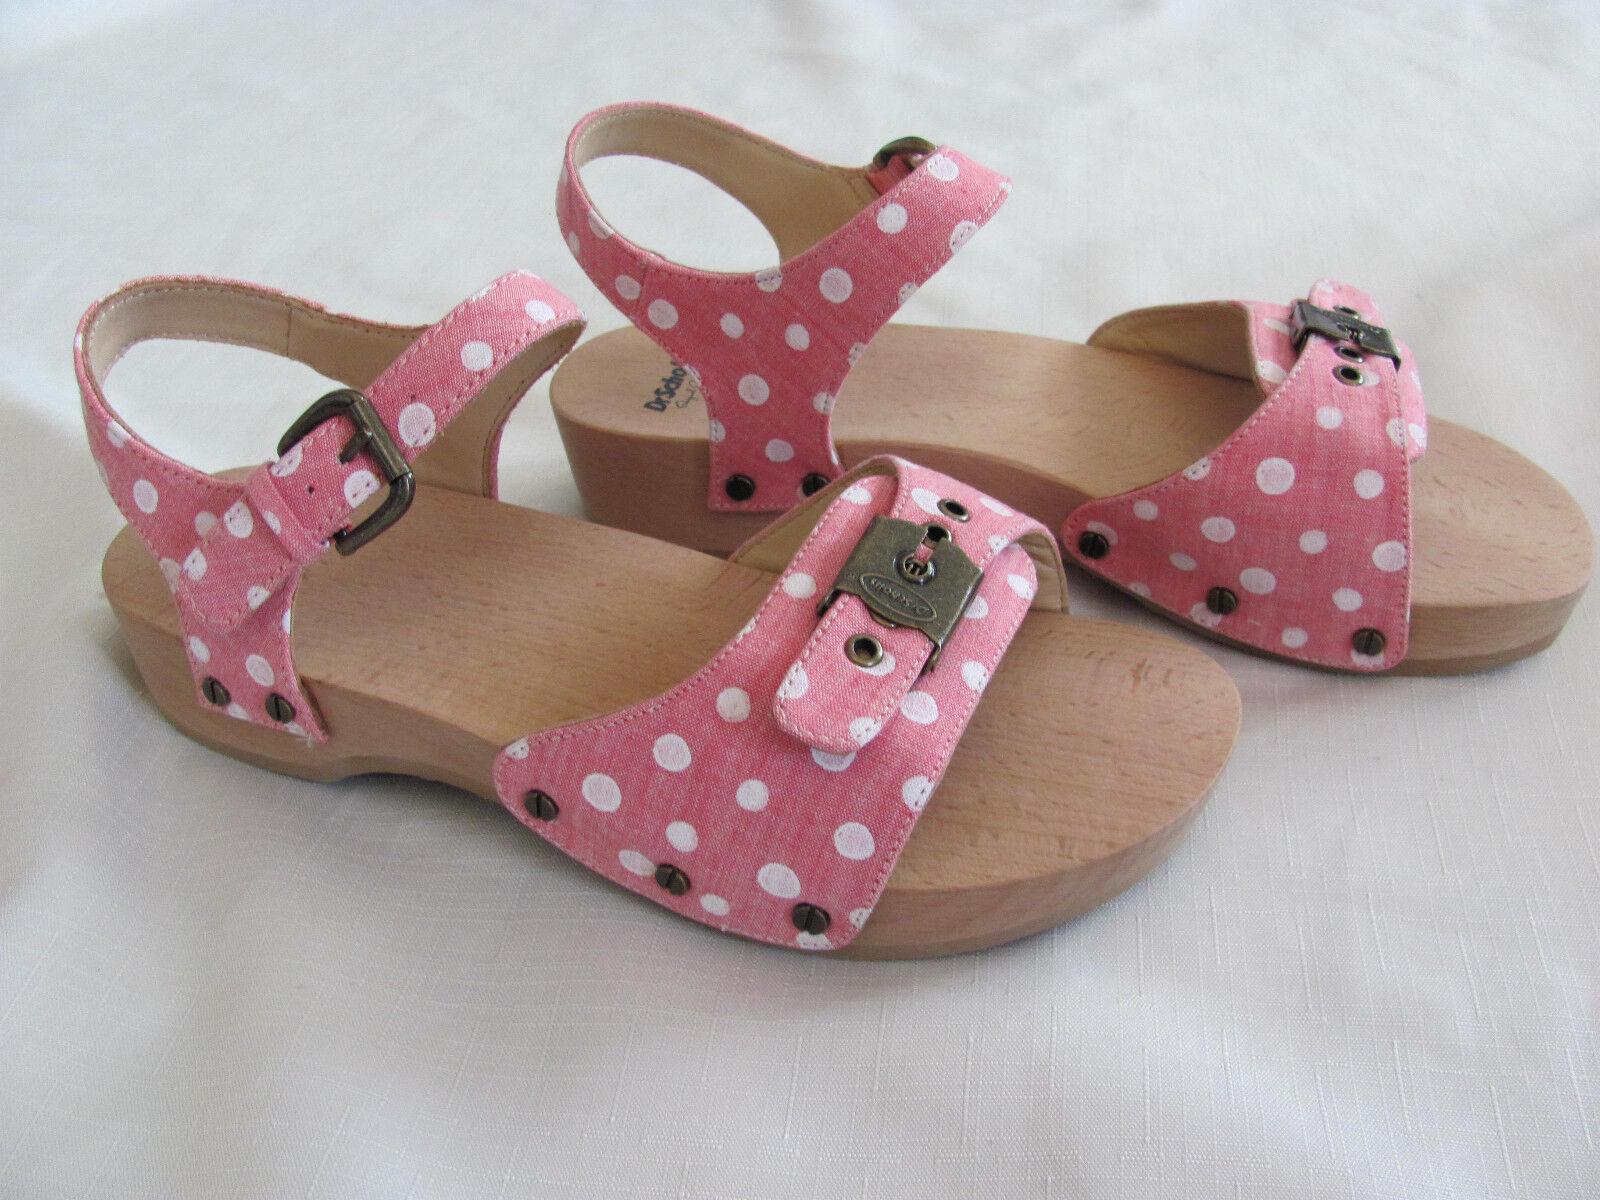 Dr Scholl's Original Lola Platform Sandals-rosado & blanco Polka Dots Dots Dots Talla 9M - NIB  estilo clásico